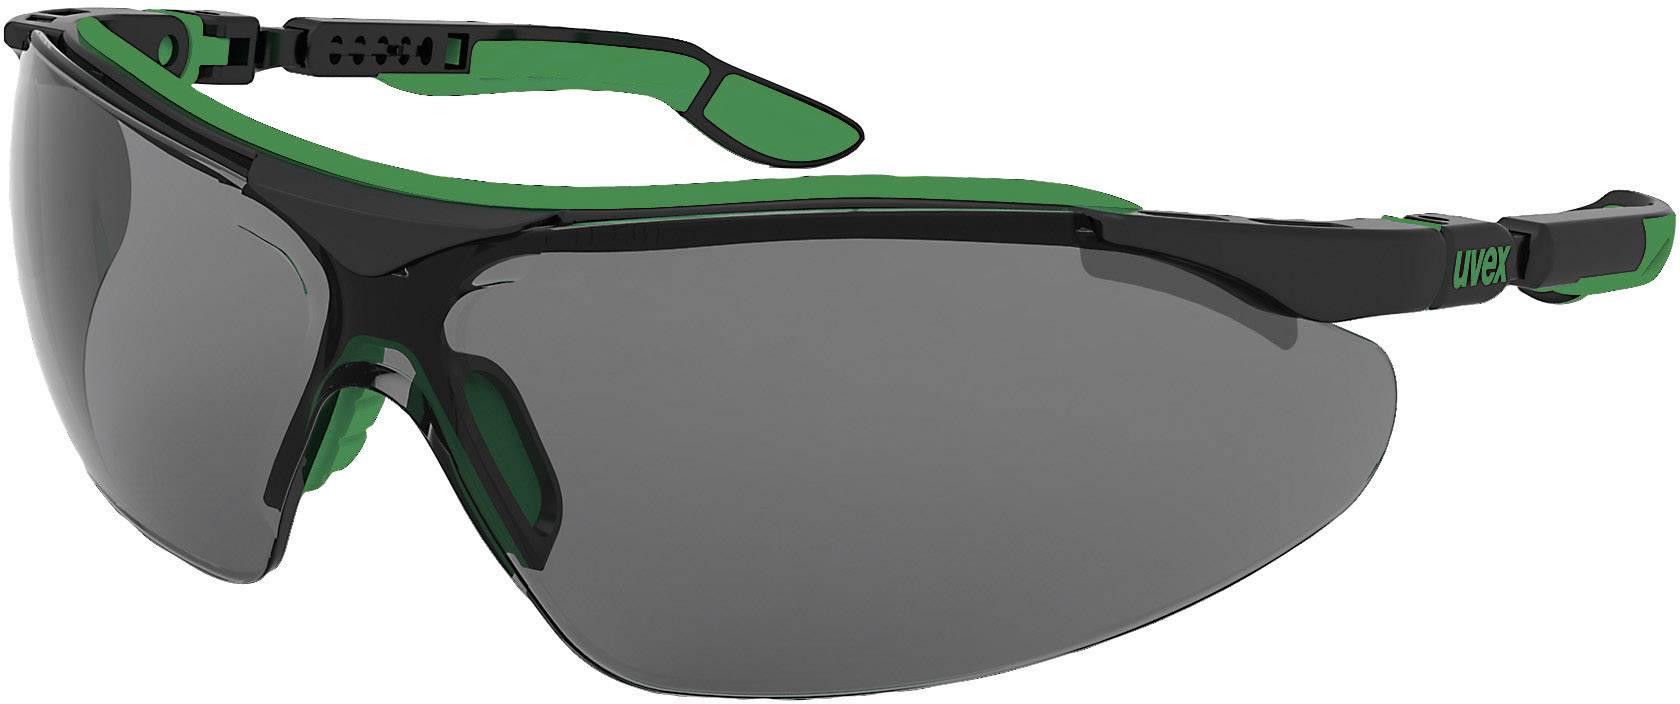 Ochranné brýle Uvex I-VO inradur, 9160043, šedá